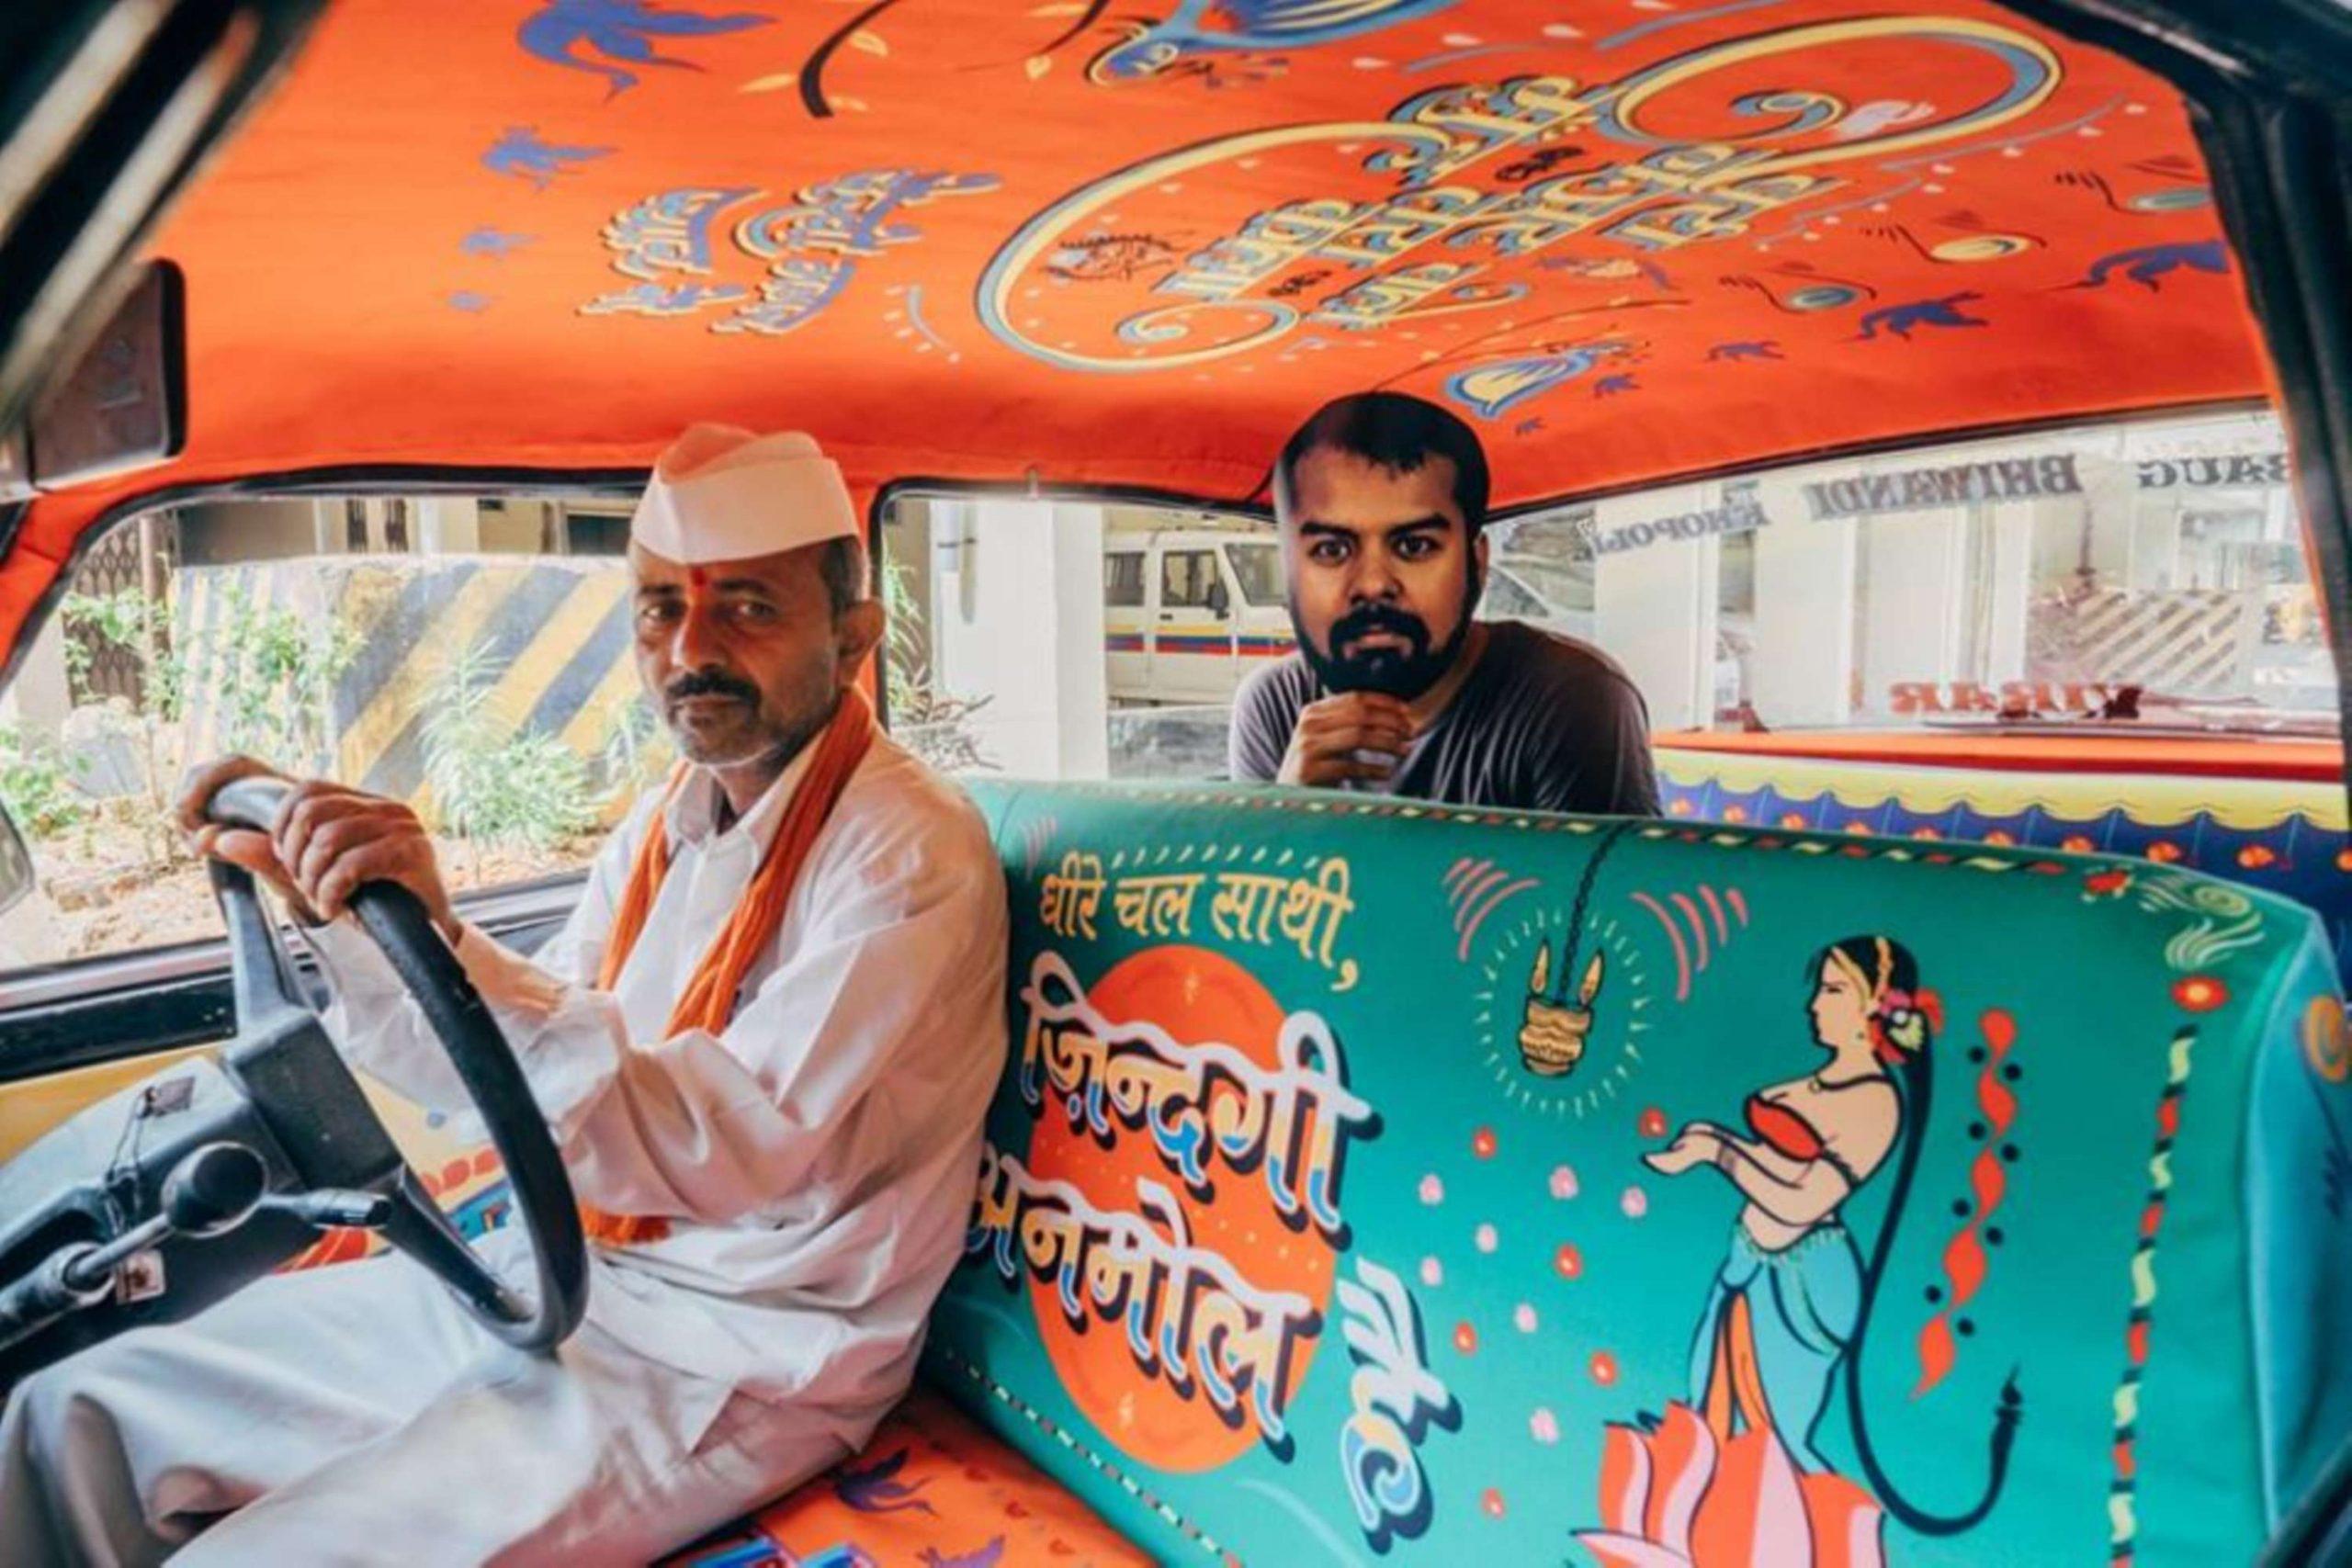 taxi-publicidade-propaganda-India-criativo